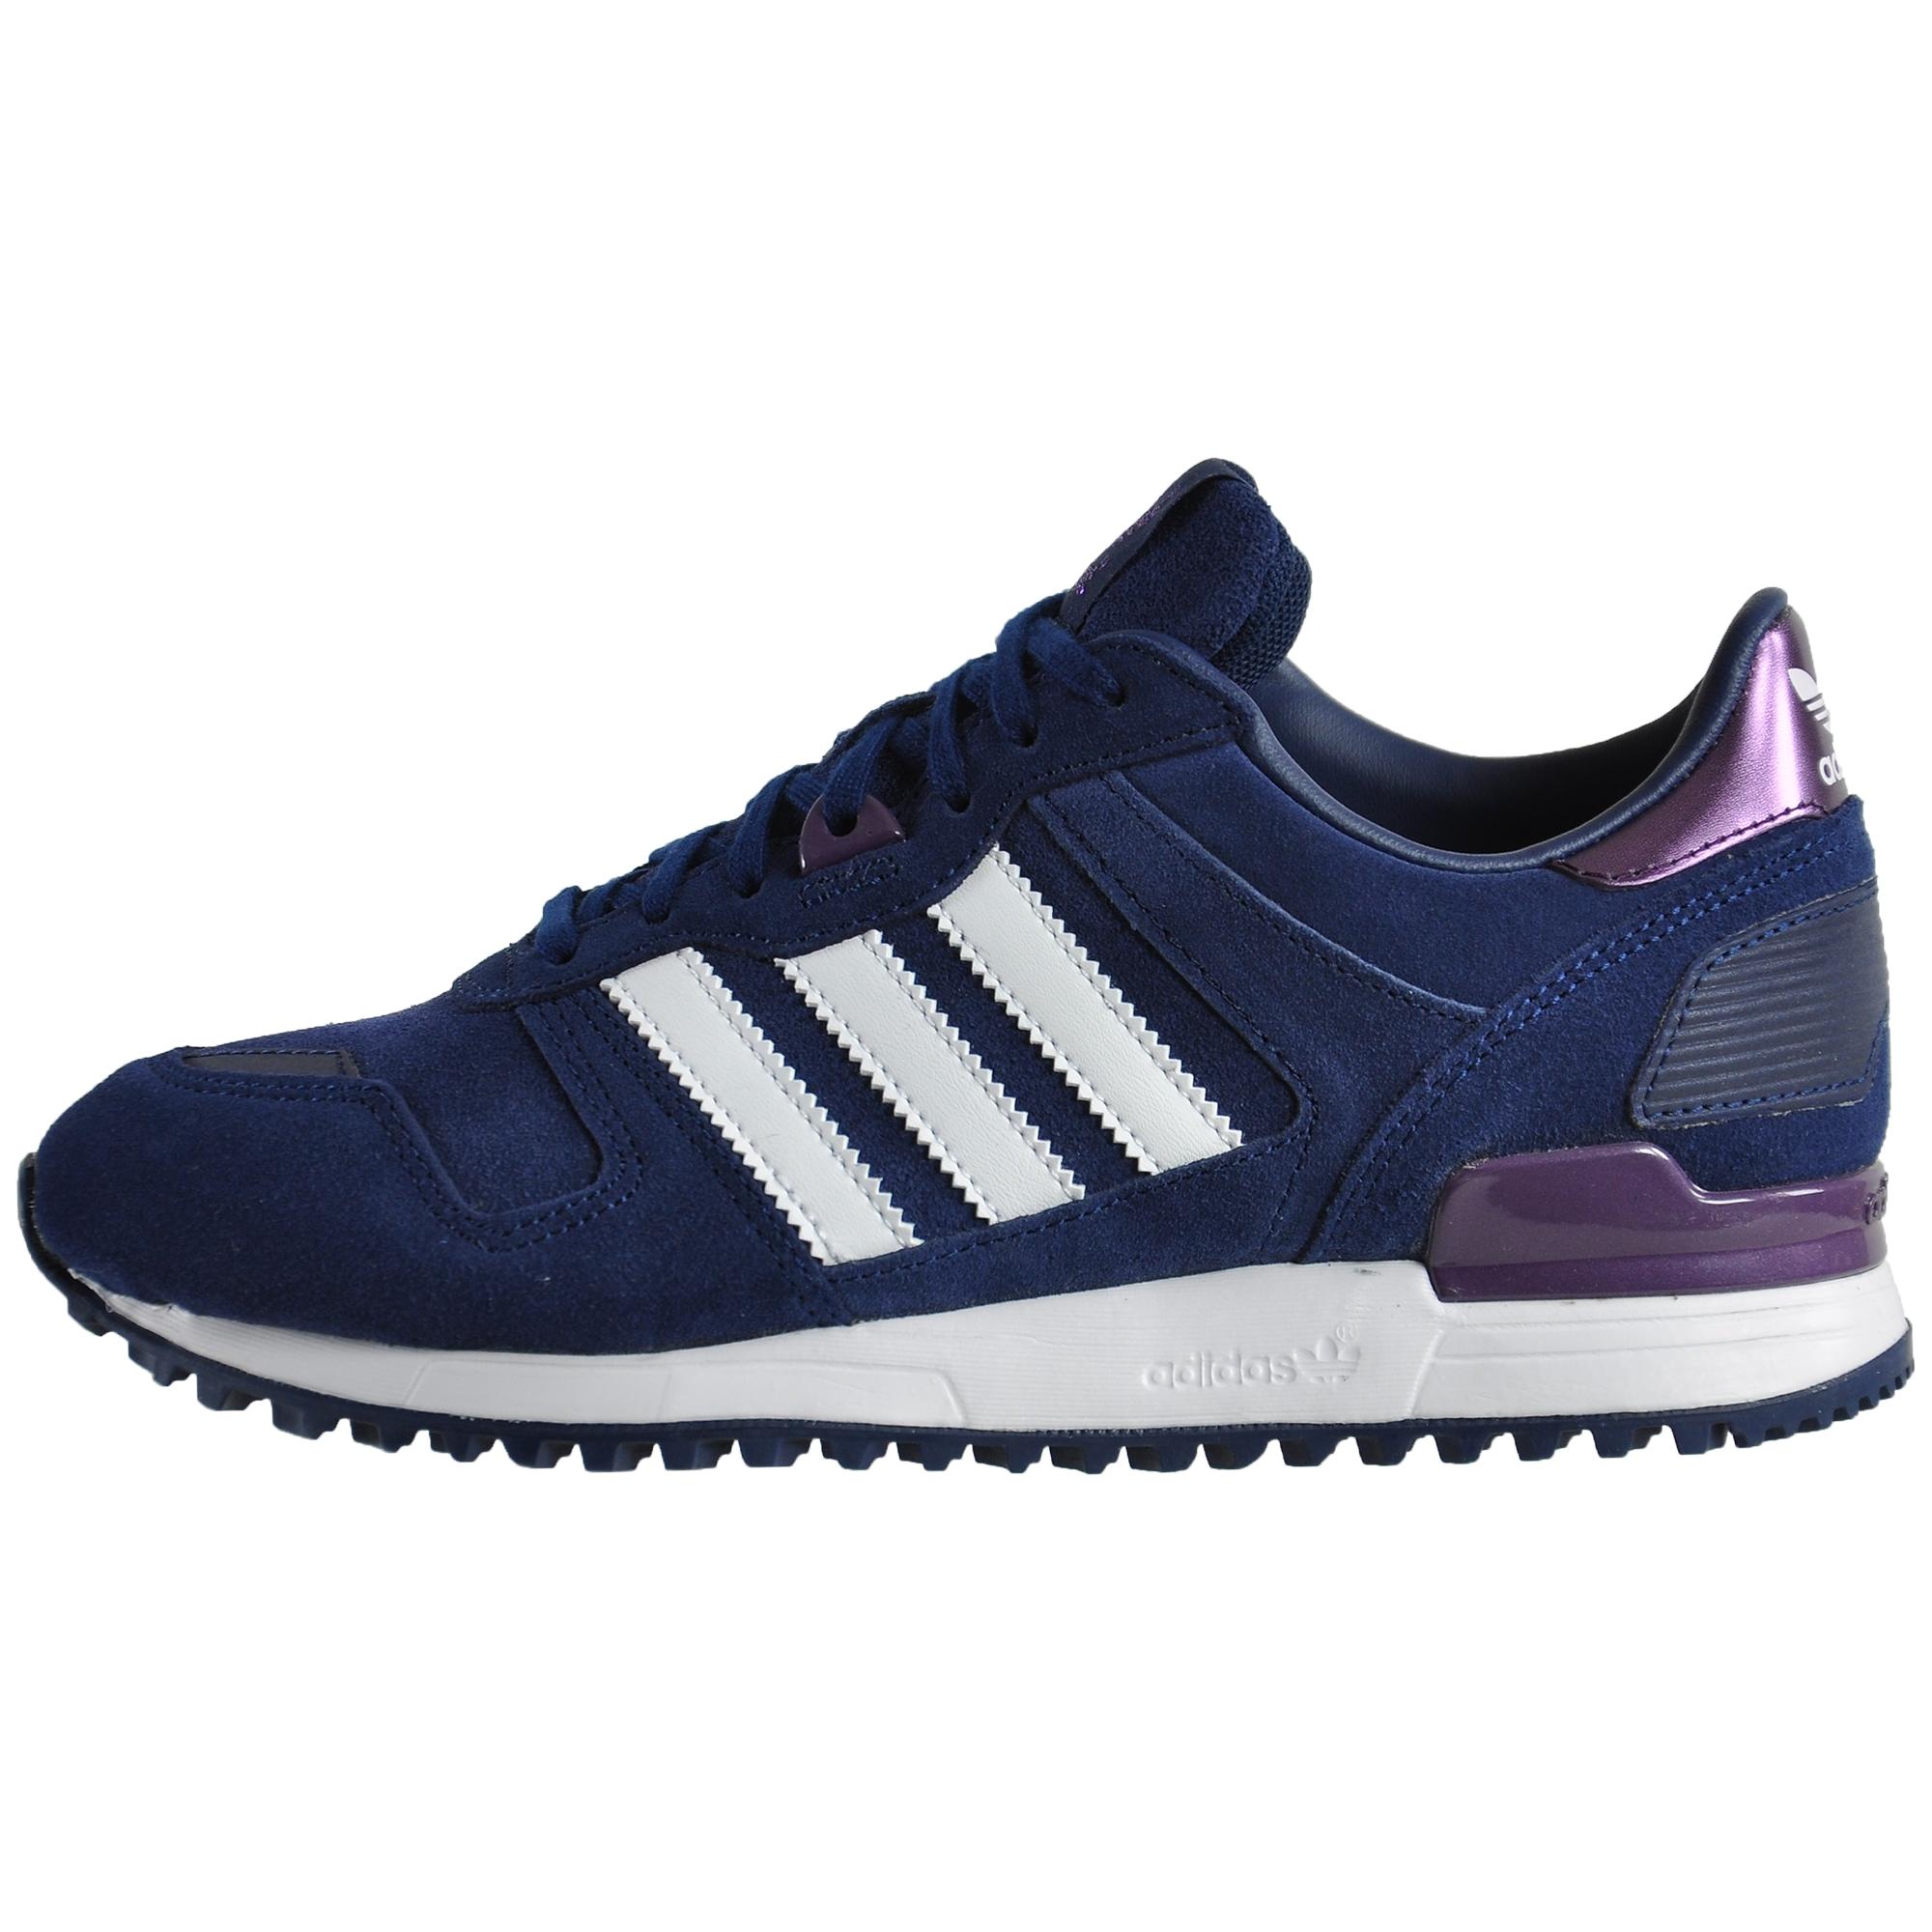 Adidas Zx 700 Kadın Ayakkabı